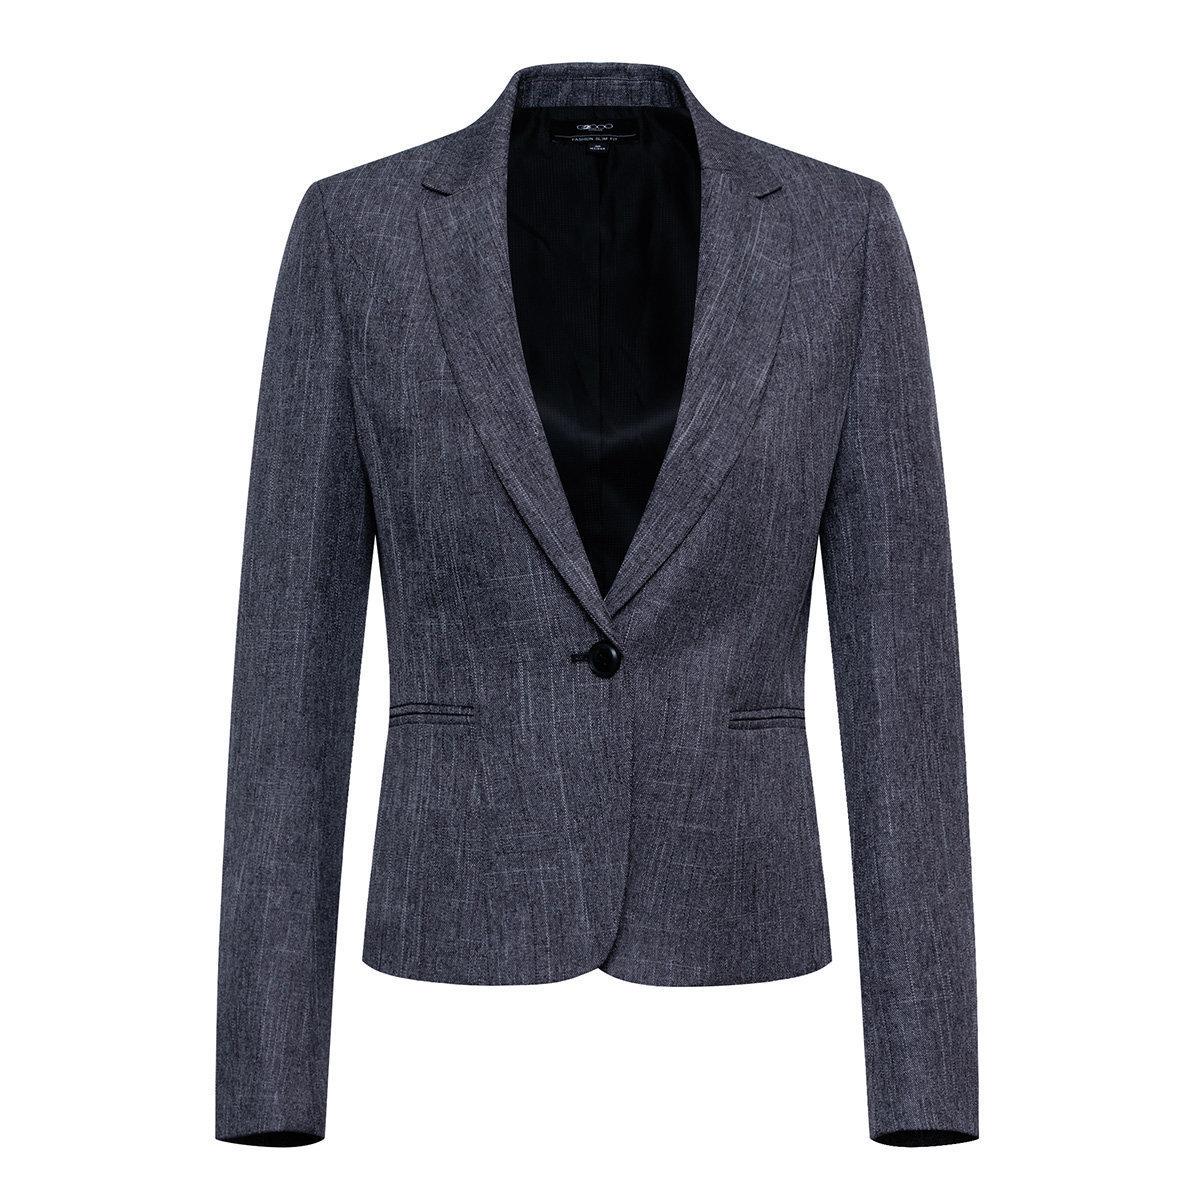 Women's Cross-woven blazer (Steel Grey)